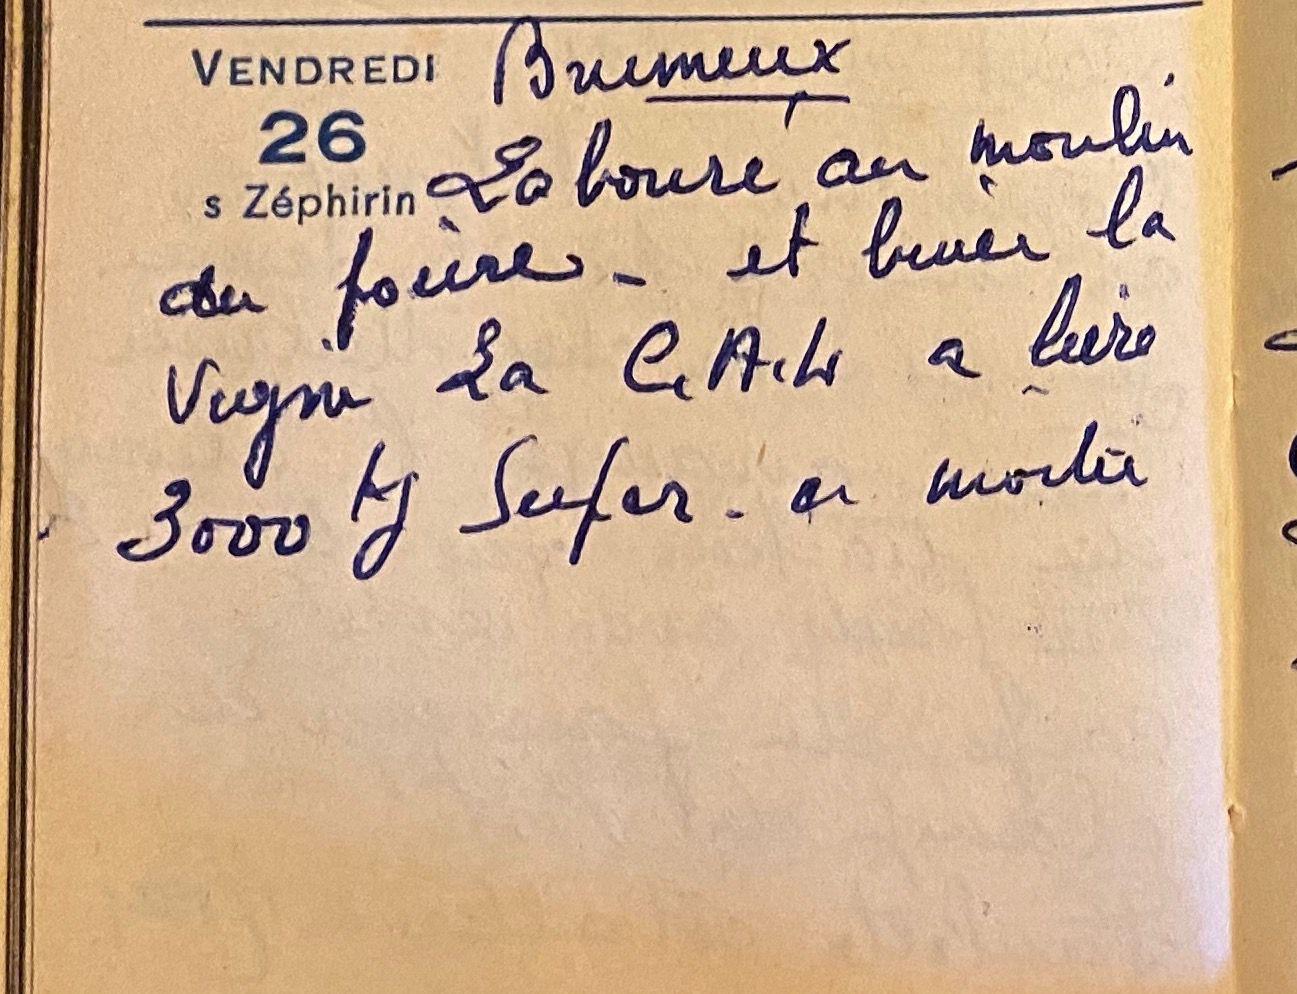 Vendredi 26 août 1960 - biner la vigne